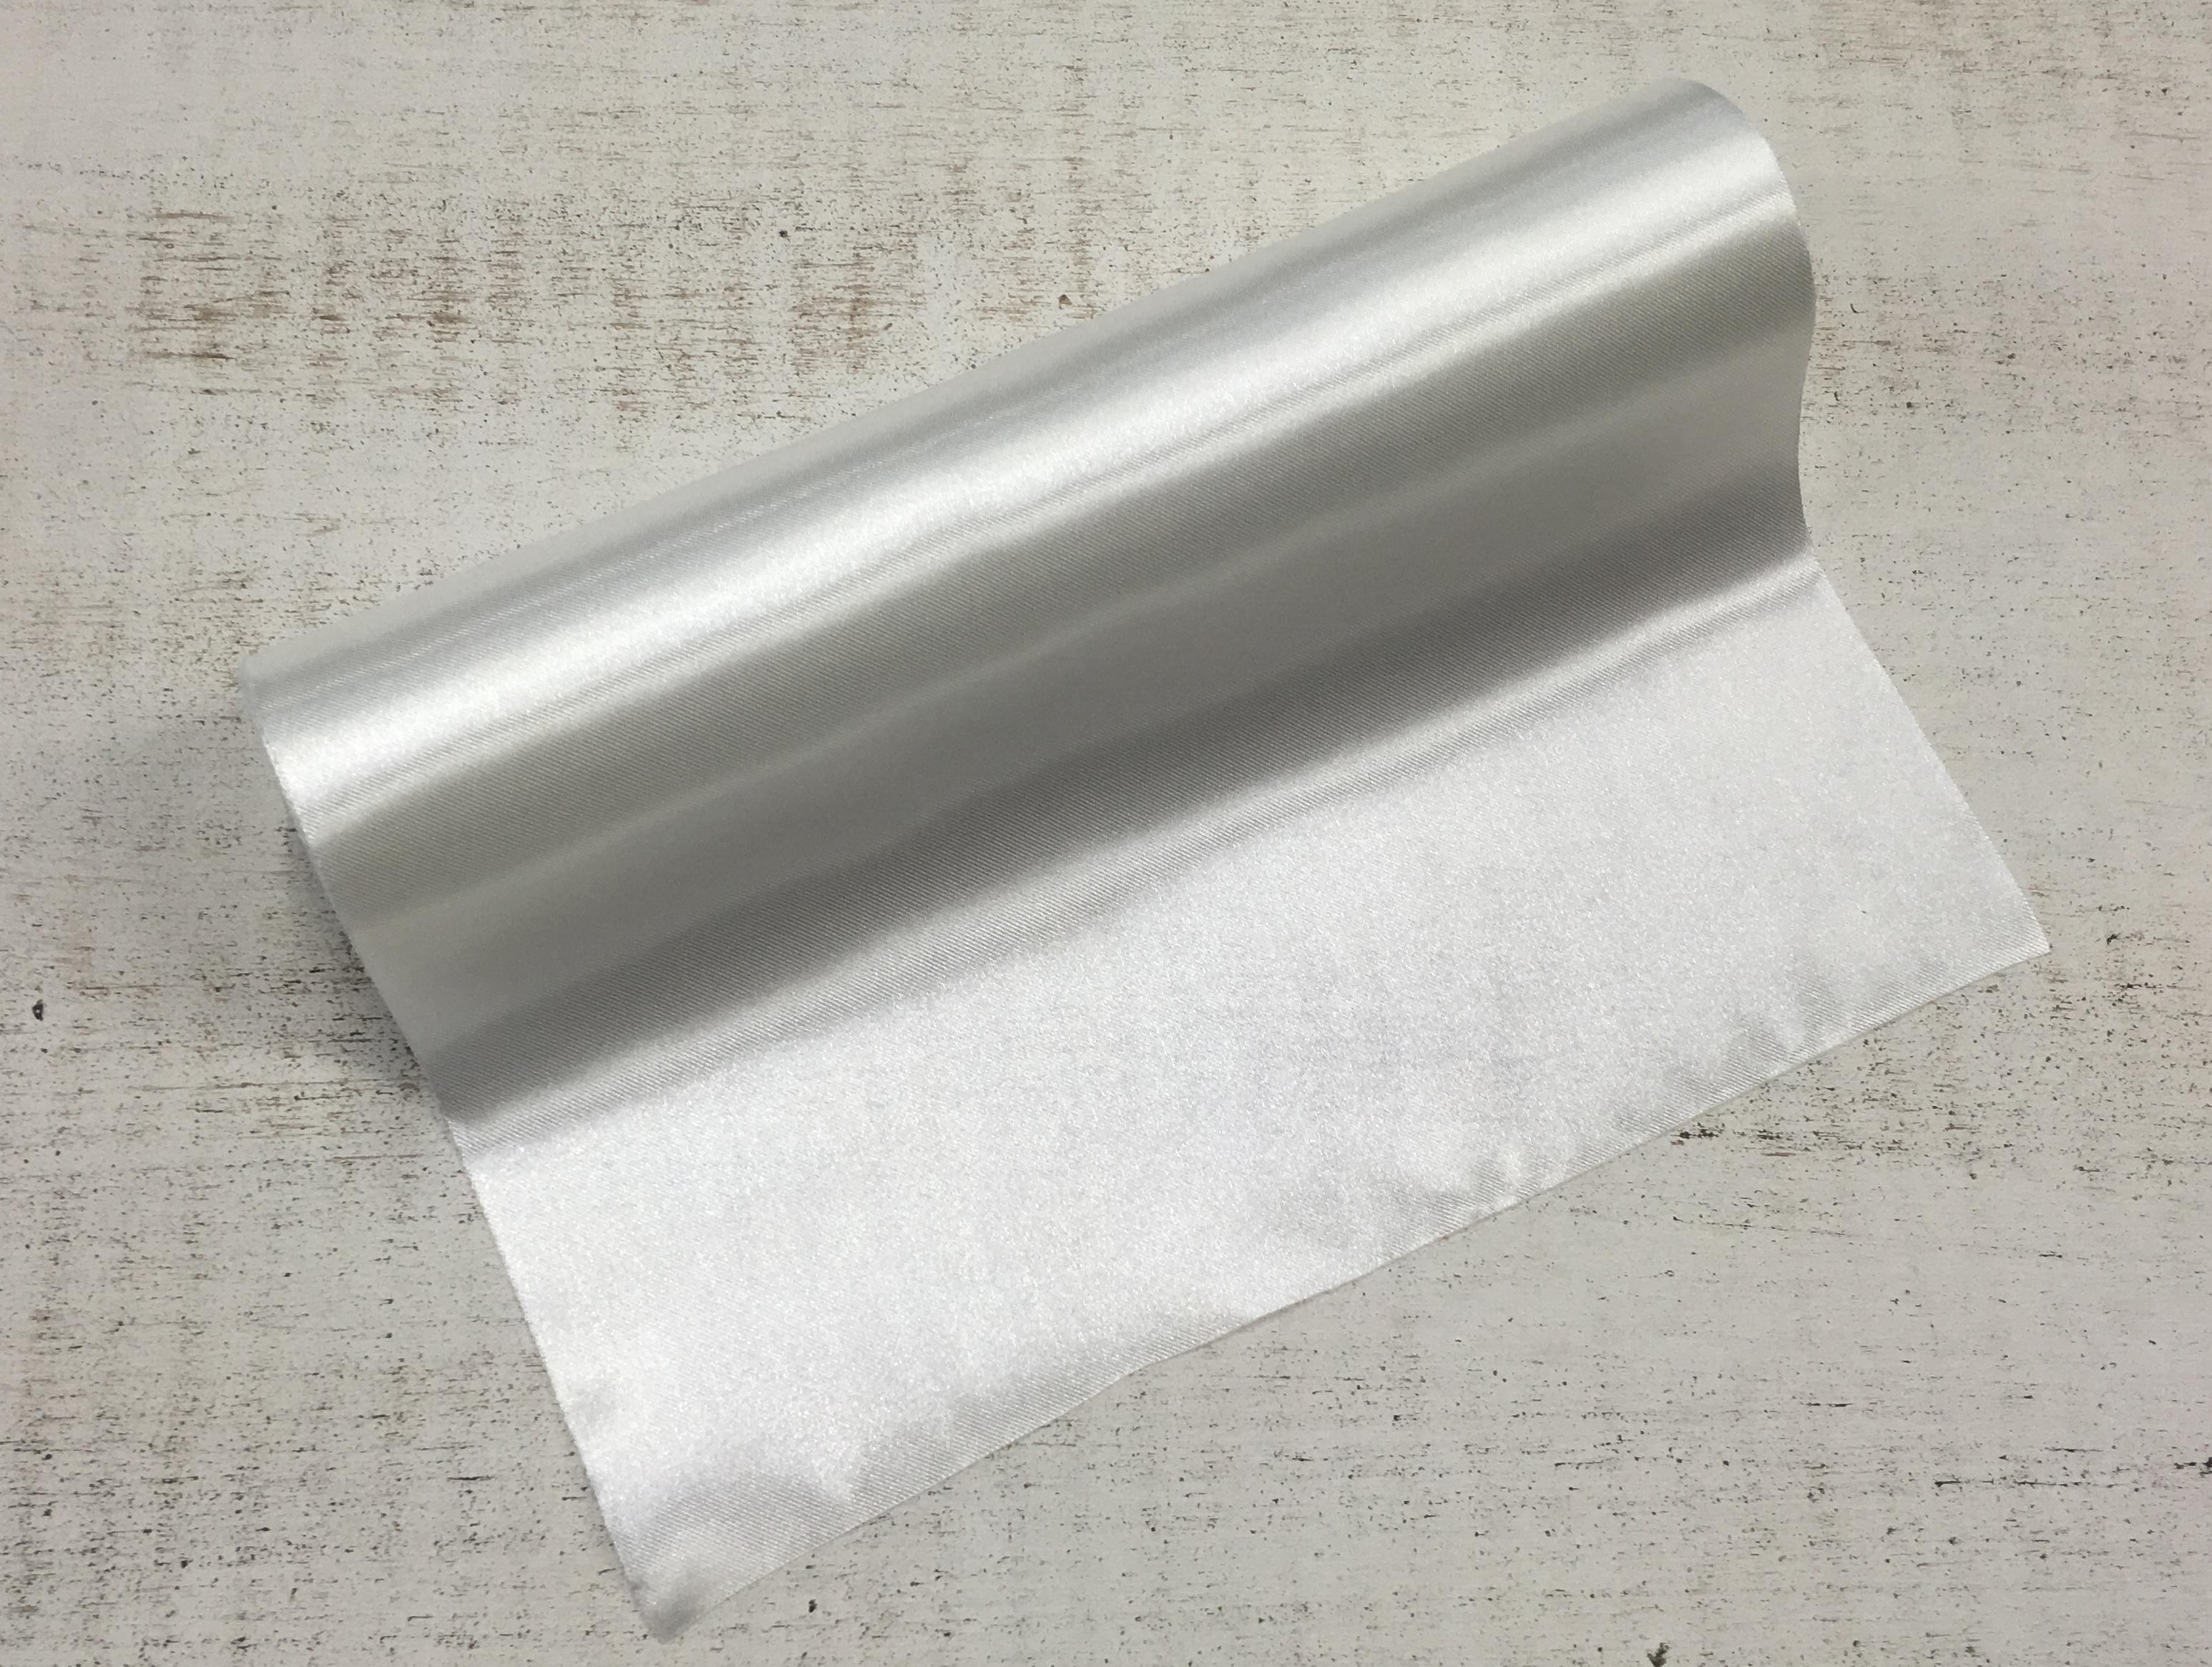 Szatén anyag 24cm széles fehér - Dekorációs anyagok ec5d62e22e